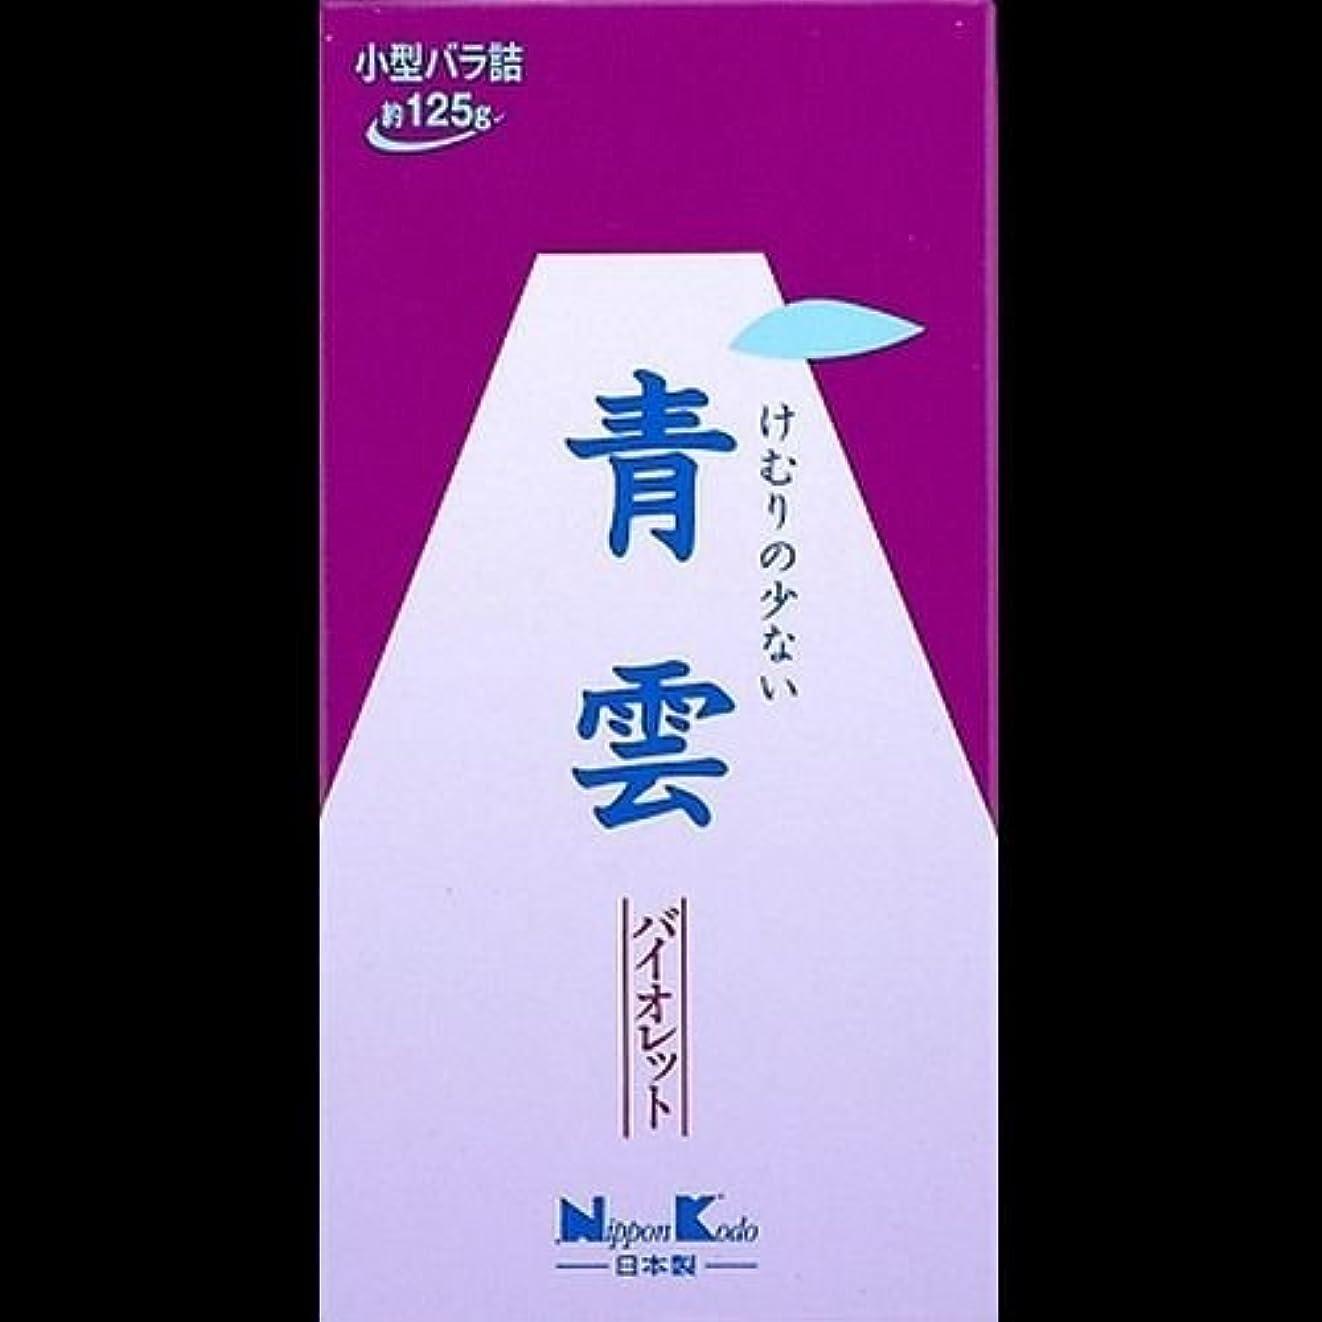 黒神秘その結果【まとめ買い】青雲 バイオレット小型バラ詰 ×2セット